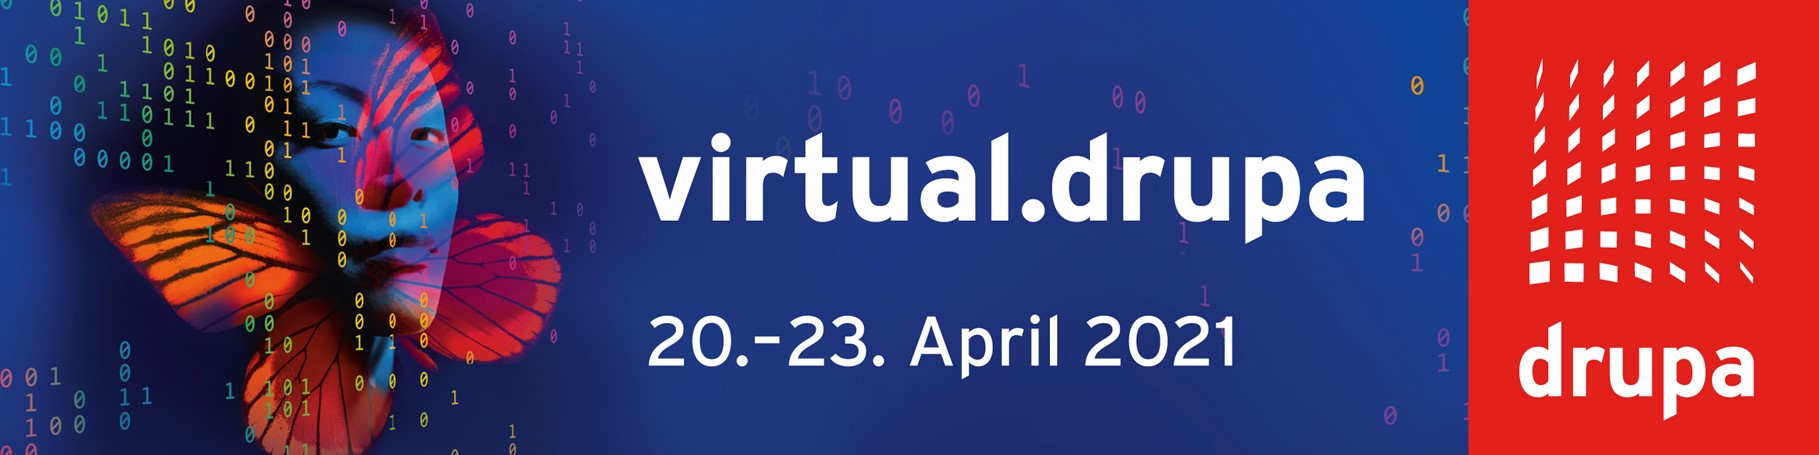 Konica Minolta oferă detalii despre programul și participarea la 'virtual.drupa'